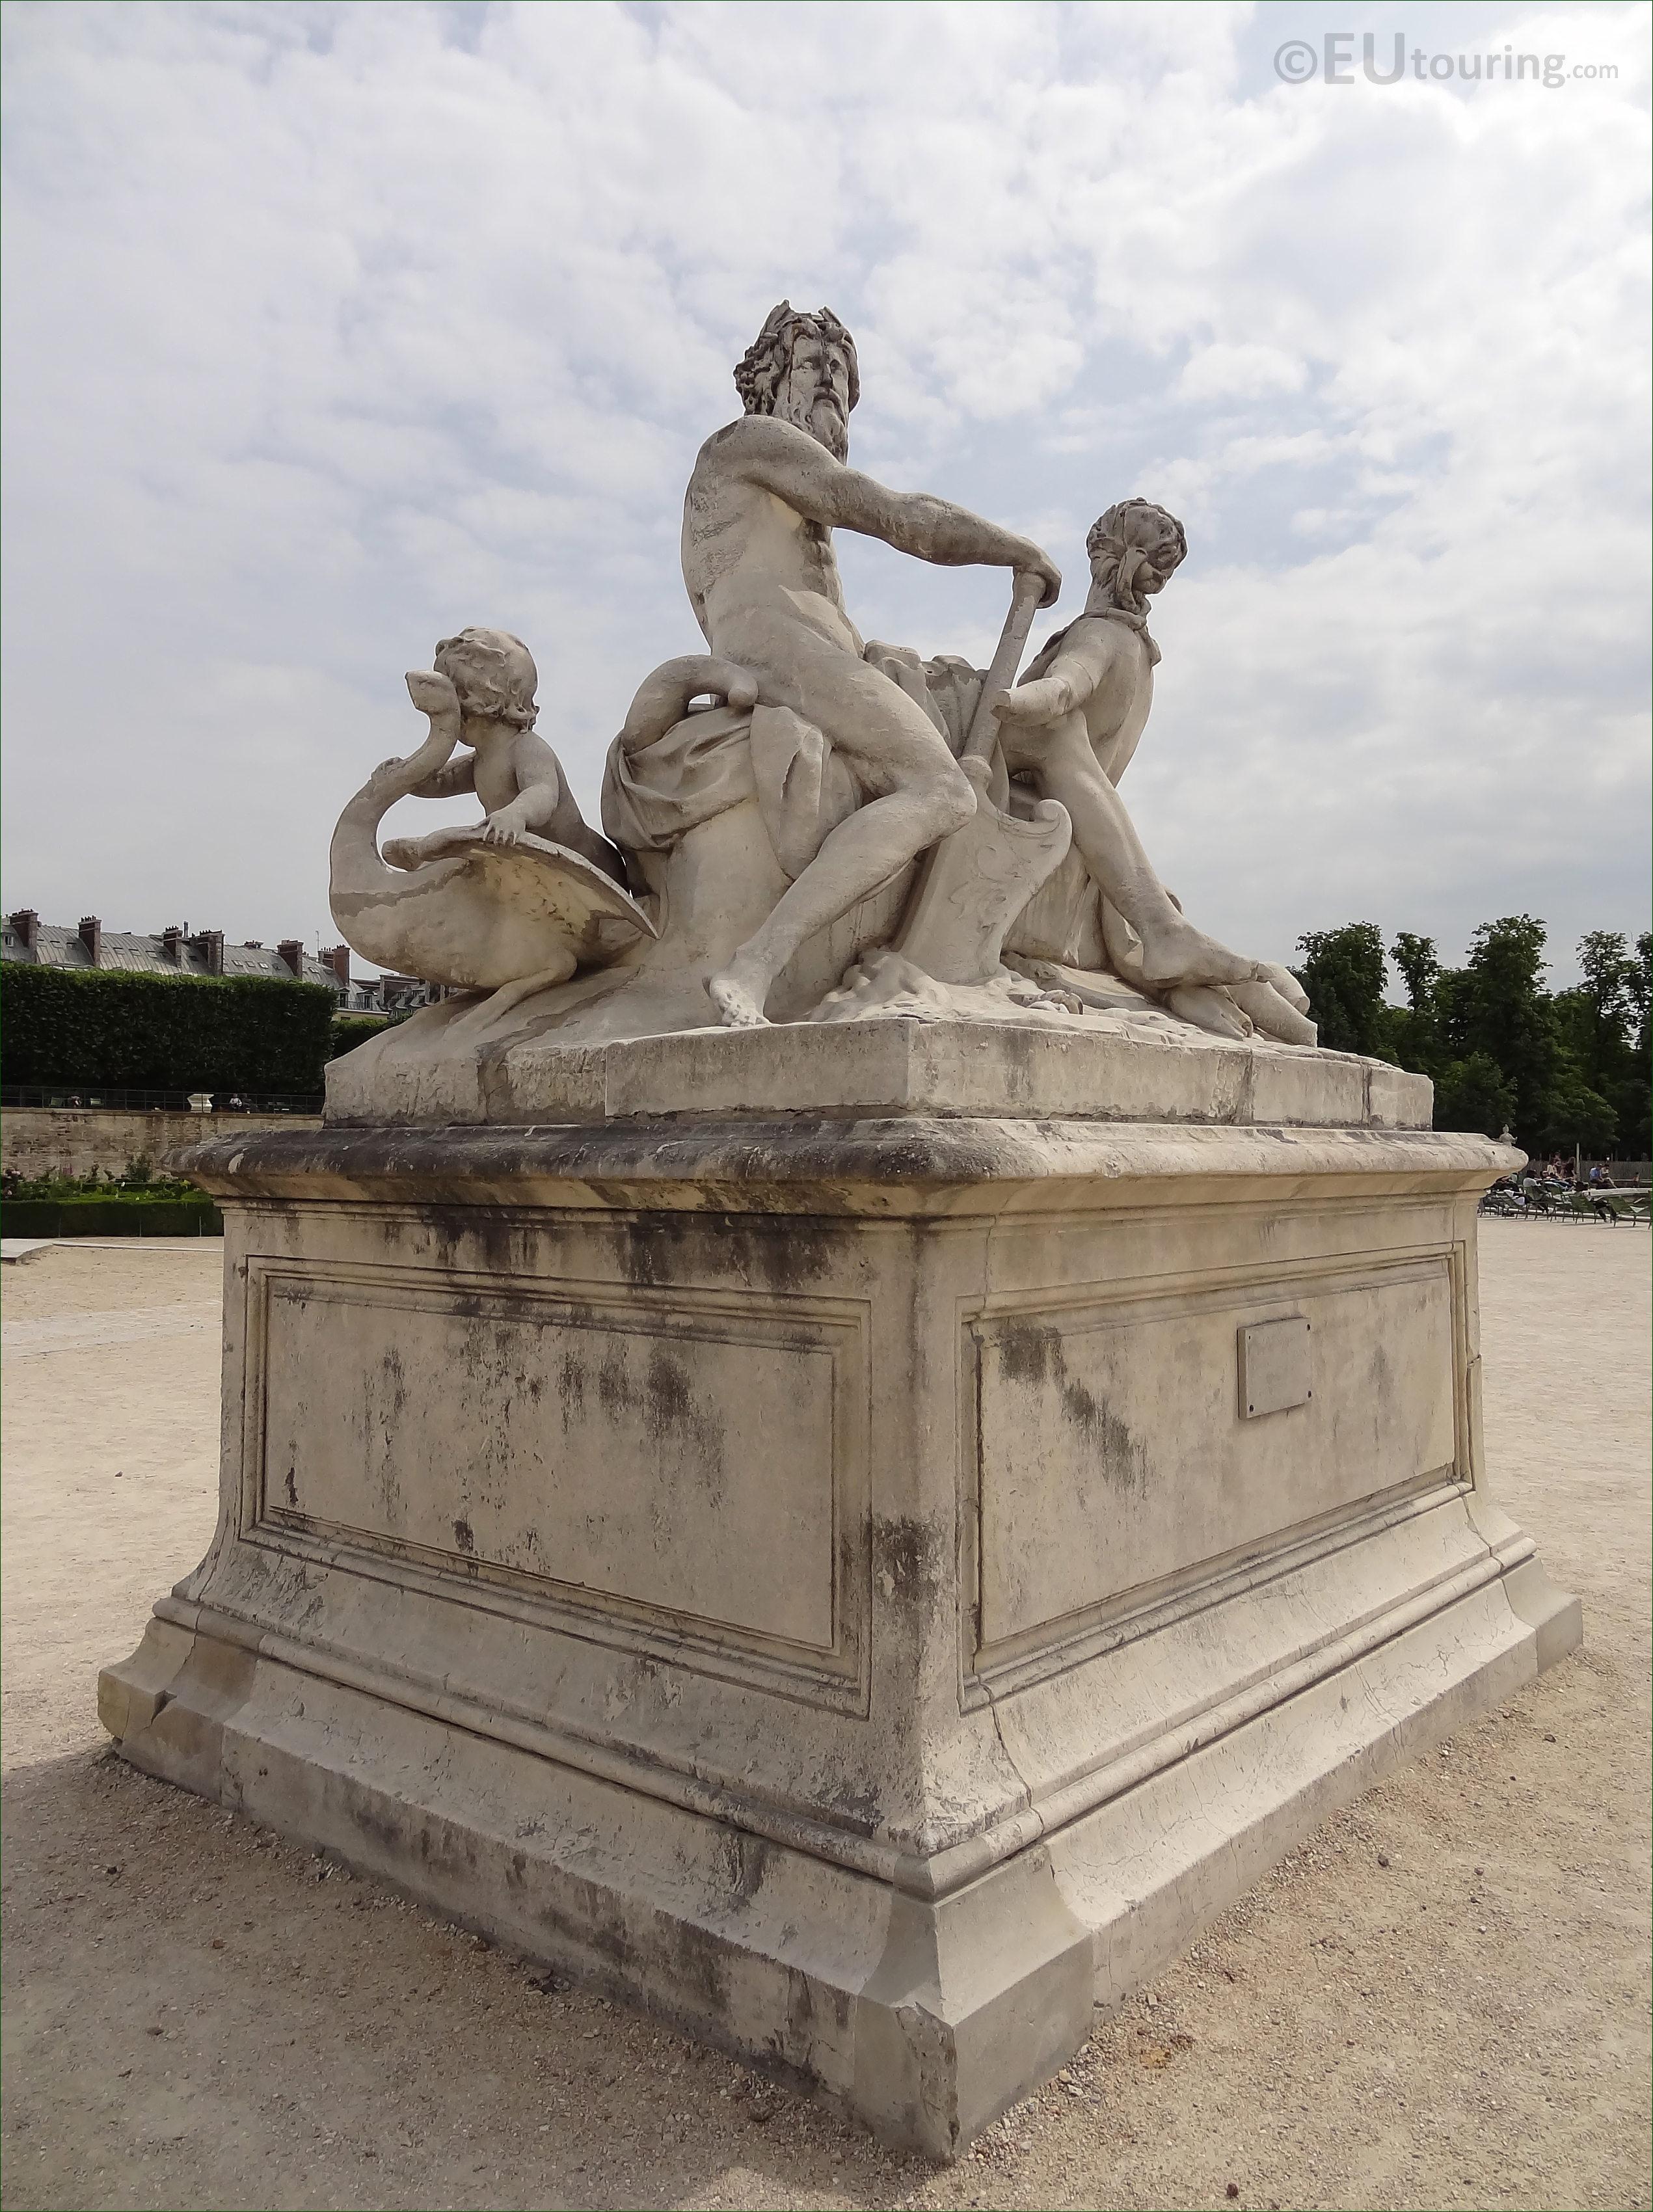 """Résultat de recherche d'images pour """"STATUE DE LA SEINE ET LA MARNE tuileries"""""""